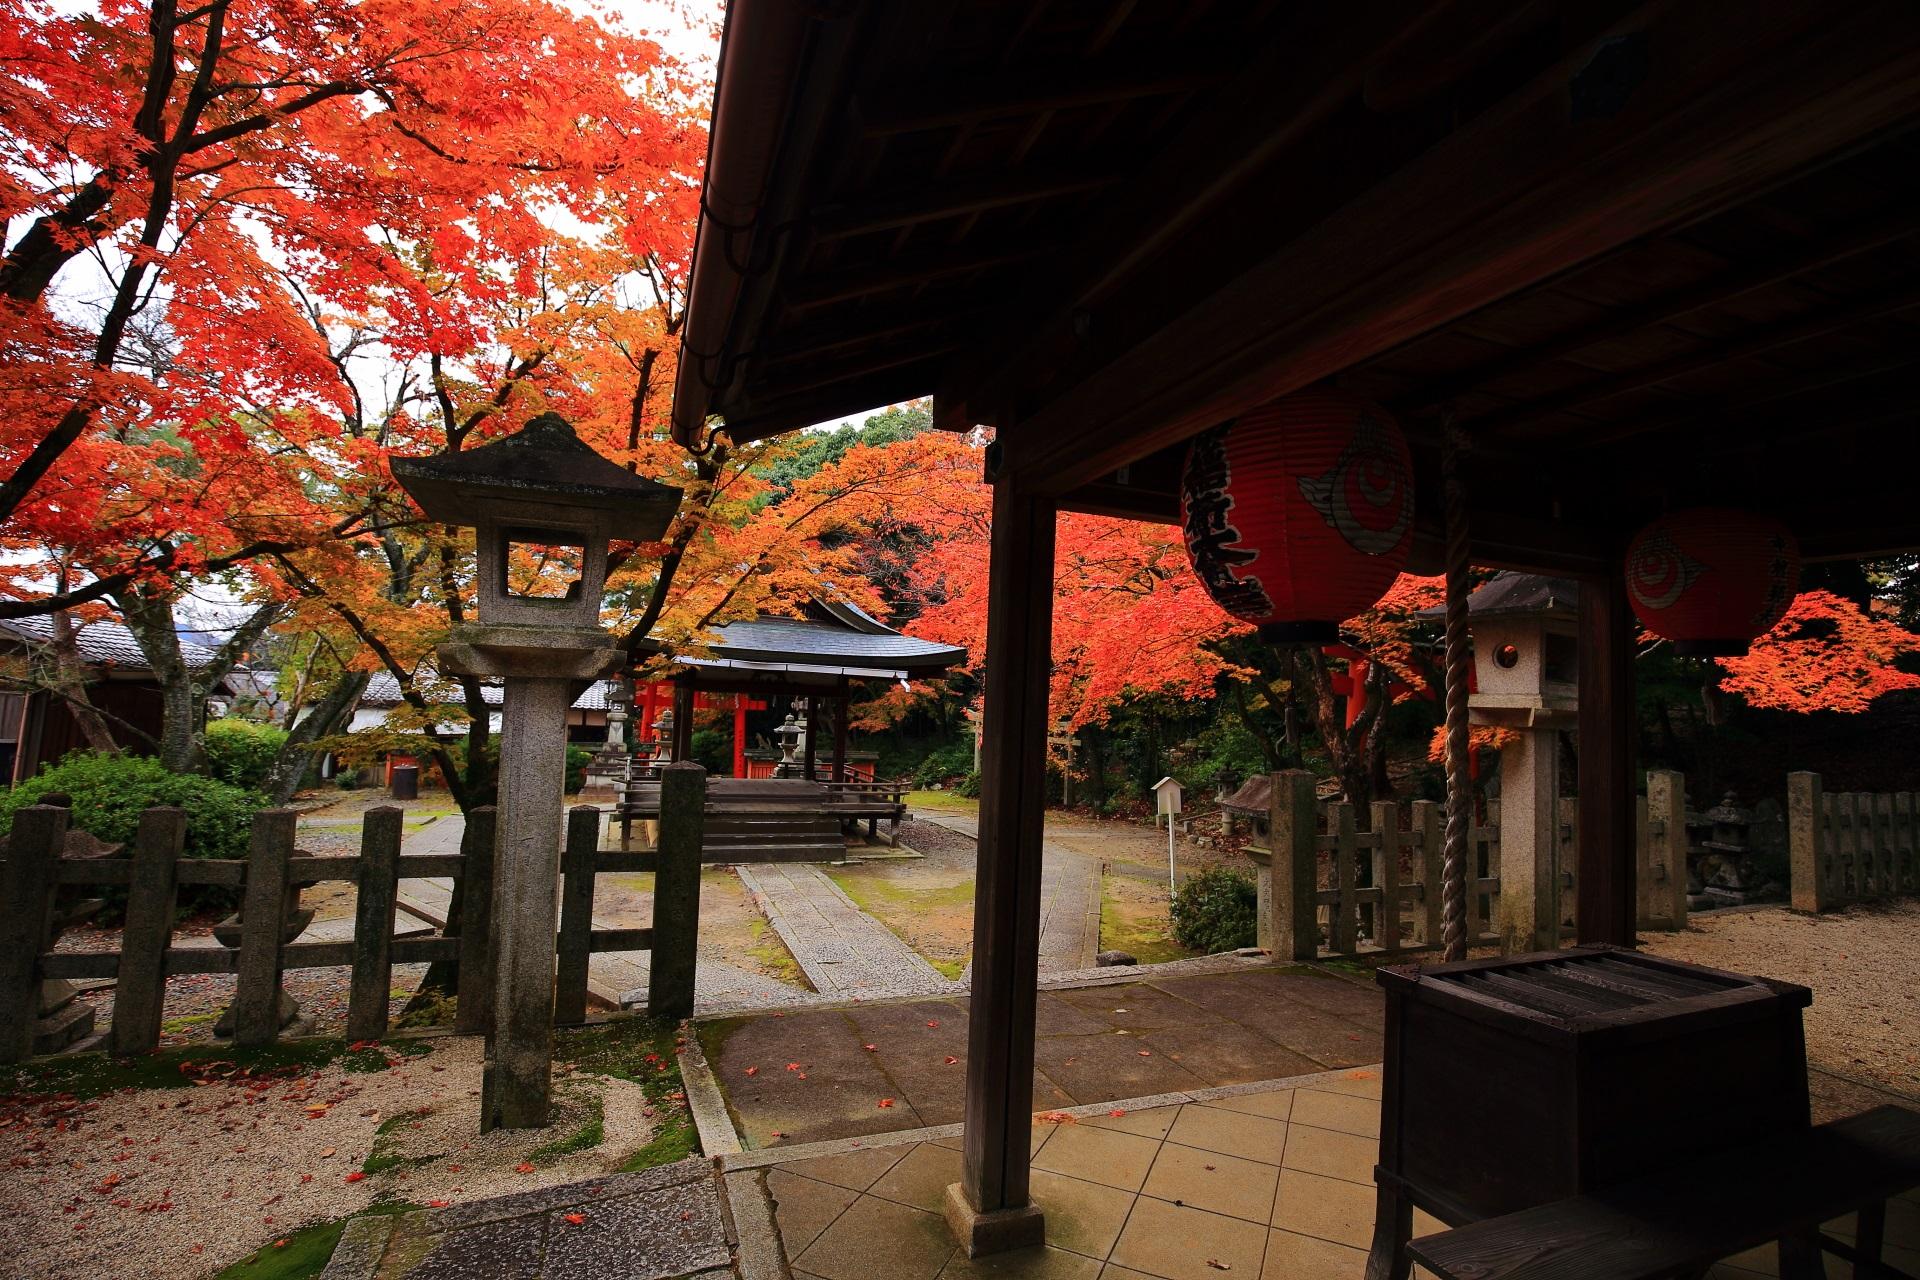 竹中稲荷神社の本殿から眺めた秋色の境内